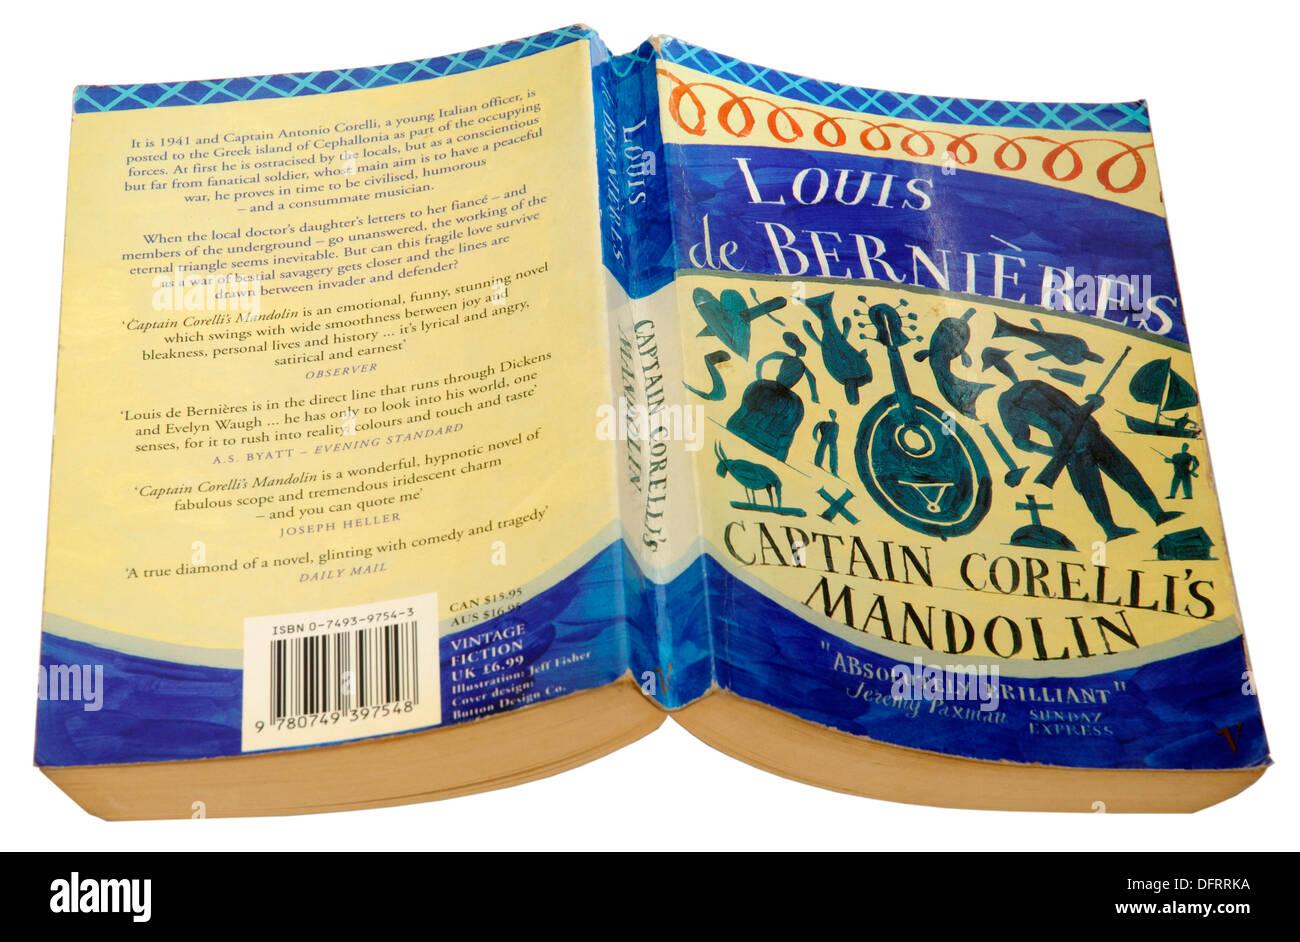 Captains Corelli's Mandolin by Louis de Bernieres - Stock Image